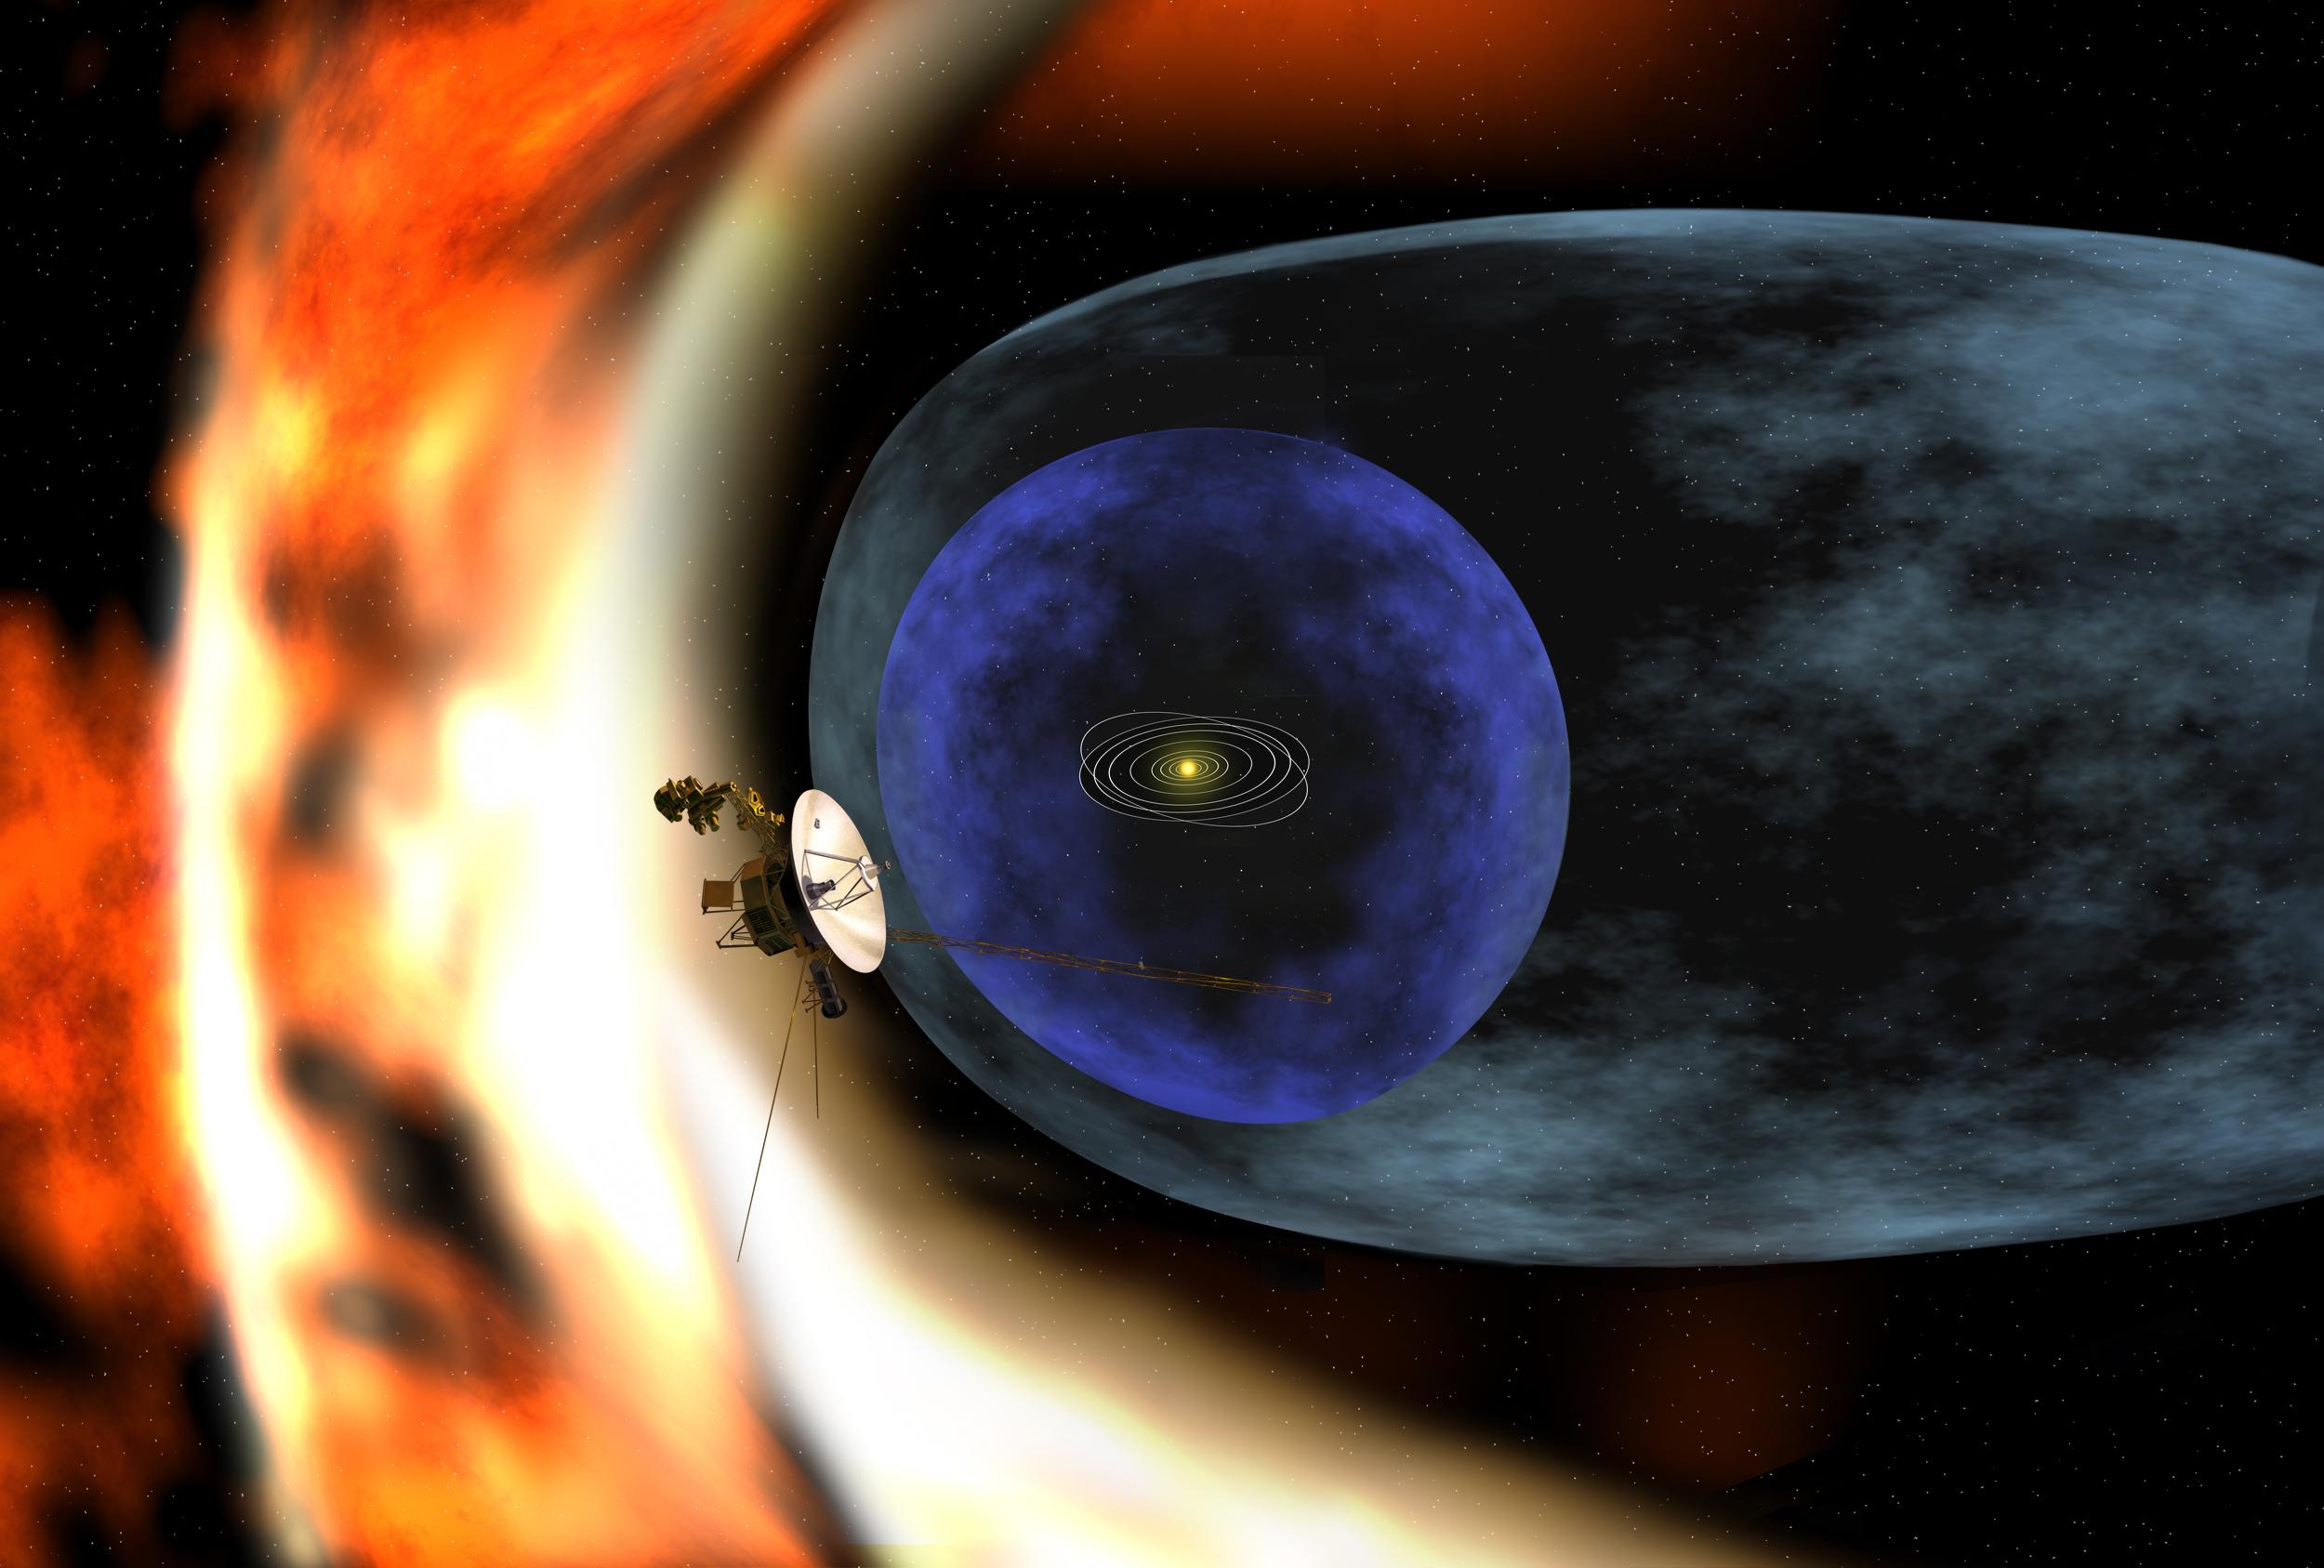 voyager spacecraft computer - photo #10